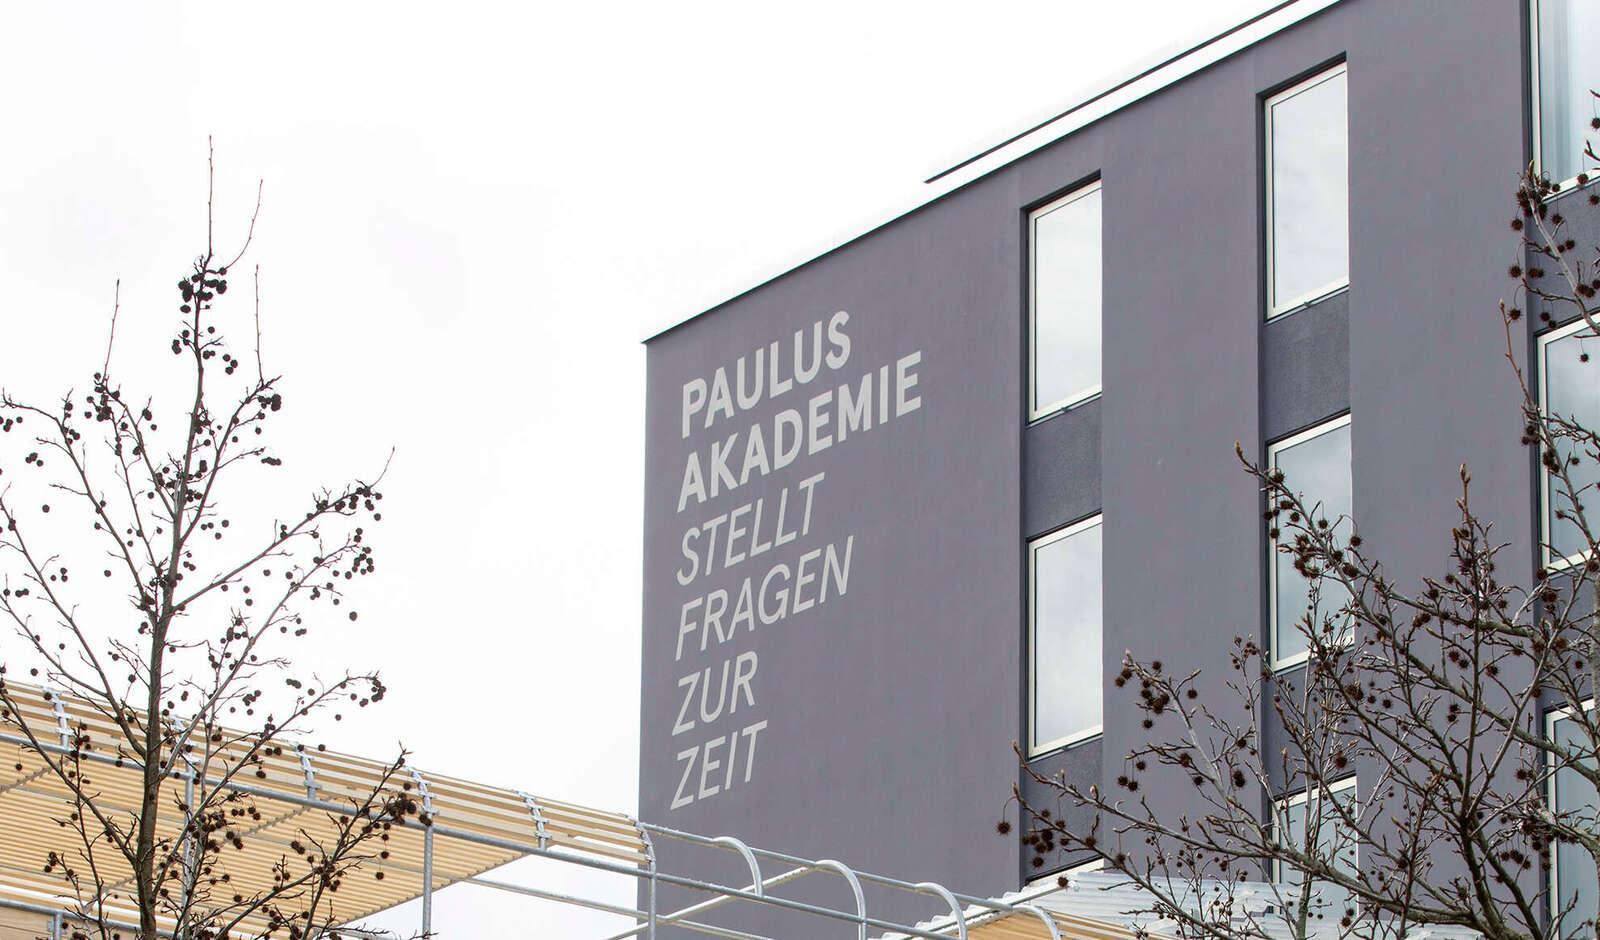 Finanzspritze für die Paulus Akademie